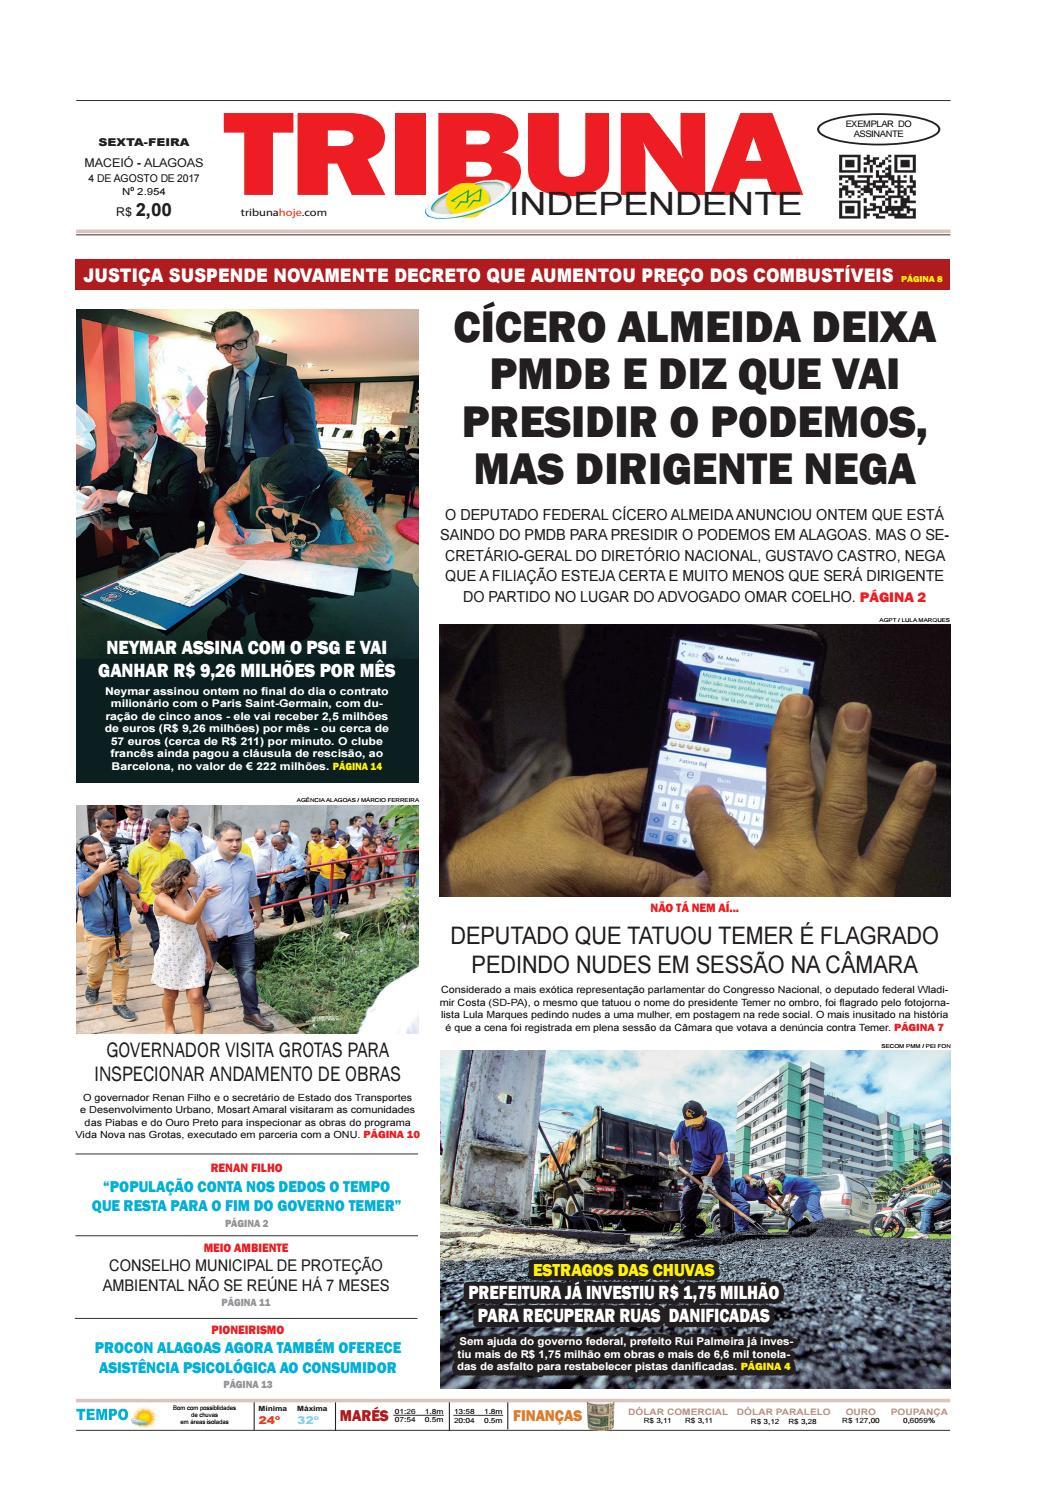 c614c38acf48e Edição número 2954 - 4 de agosto de 2017 by Tribuna Hoje - issuu